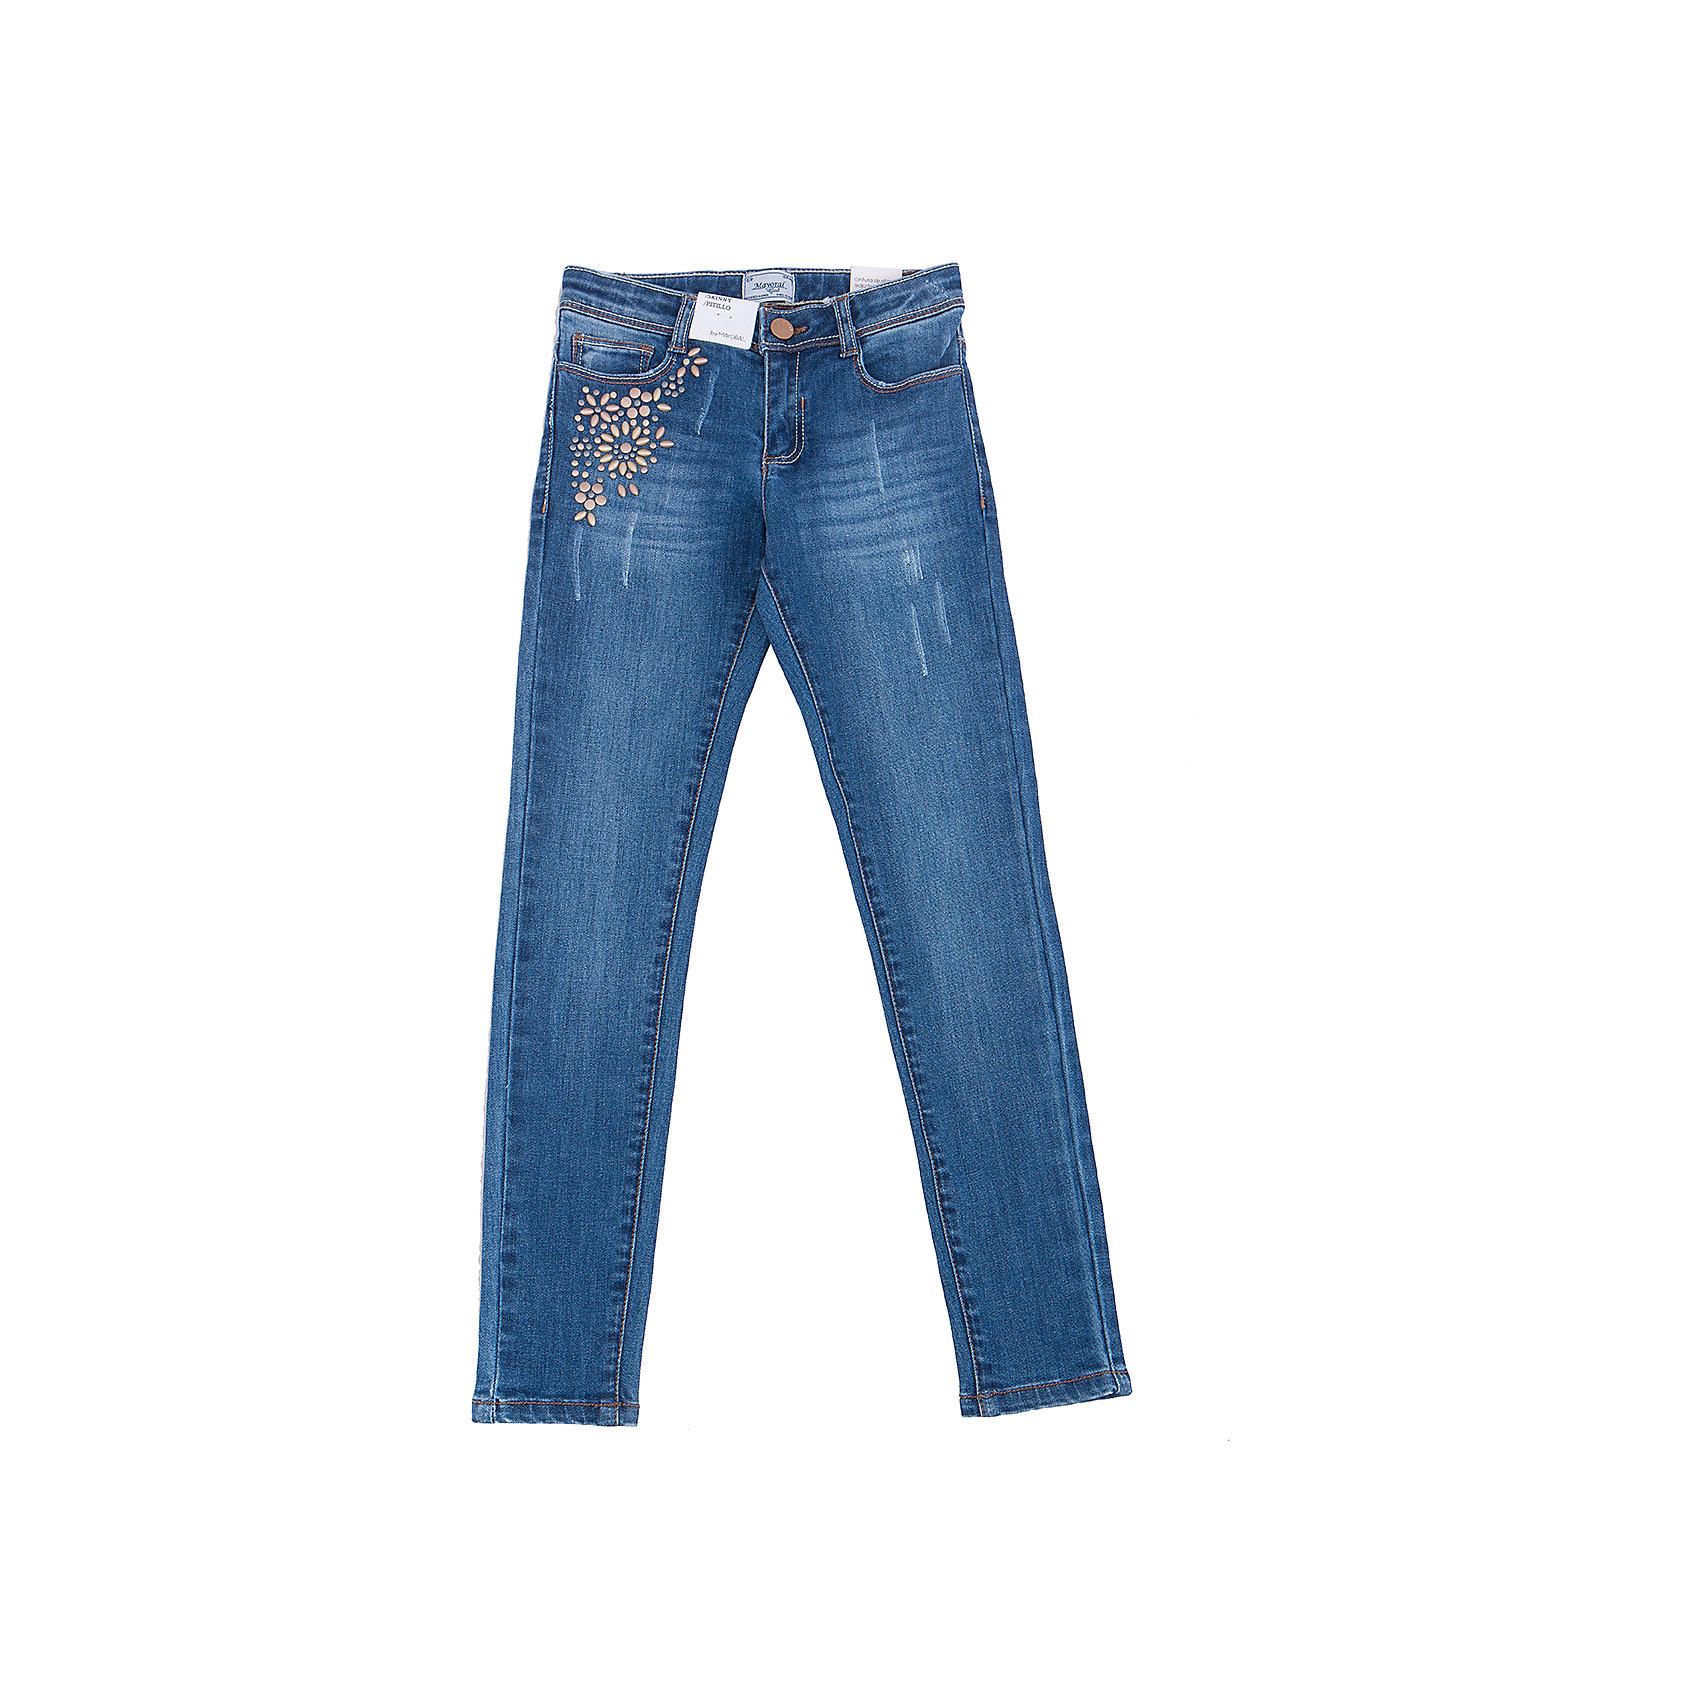 Джинсы для девочки MayoralДжинсовая одежда<br>Характеристики товара:<br><br>• цвет: синий<br>• состав: 92% хлопок, 6% полиэстер, 2% эластан<br>• классический силуэт<br>• карманы<br>• пояс с регулировкой объема<br>• шлевки<br>• страна бренда: Испания<br><br>Стильные джинсы для девочки смогут разнообразить гардероб ребенка и украсить наряд. Они отлично сочетаются с майками, футболками, блузками. Красивый оттенок позволяет подобрать к вещи верх разных расцветок. Интересный крой модели делает её нарядной и оригинальной. В составе материала - натуральный хлопок, гипоаллергенный, приятный на ощупь, дышащий.<br><br>Одежда, обувь и аксессуары от испанского бренда Mayoral полюбились детям и взрослым по всему миру. Модели этой марки - стильные и удобные. Для их производства используются только безопасные, качественные материалы и фурнитура. Порадуйте ребенка модными и красивыми вещами от Mayoral! <br><br>Джинсы для девочки от испанского бренда Mayoral (Майорал) можно купить в нашем интернет-магазине.<br><br>Ширина мм: 215<br>Глубина мм: 88<br>Высота мм: 191<br>Вес г: 336<br>Цвет: голубой<br>Возраст от месяцев: 156<br>Возраст до месяцев: 168<br>Пол: Женский<br>Возраст: Детский<br>Размер: 164,158,170,128/134,140,152<br>SKU: 5292999